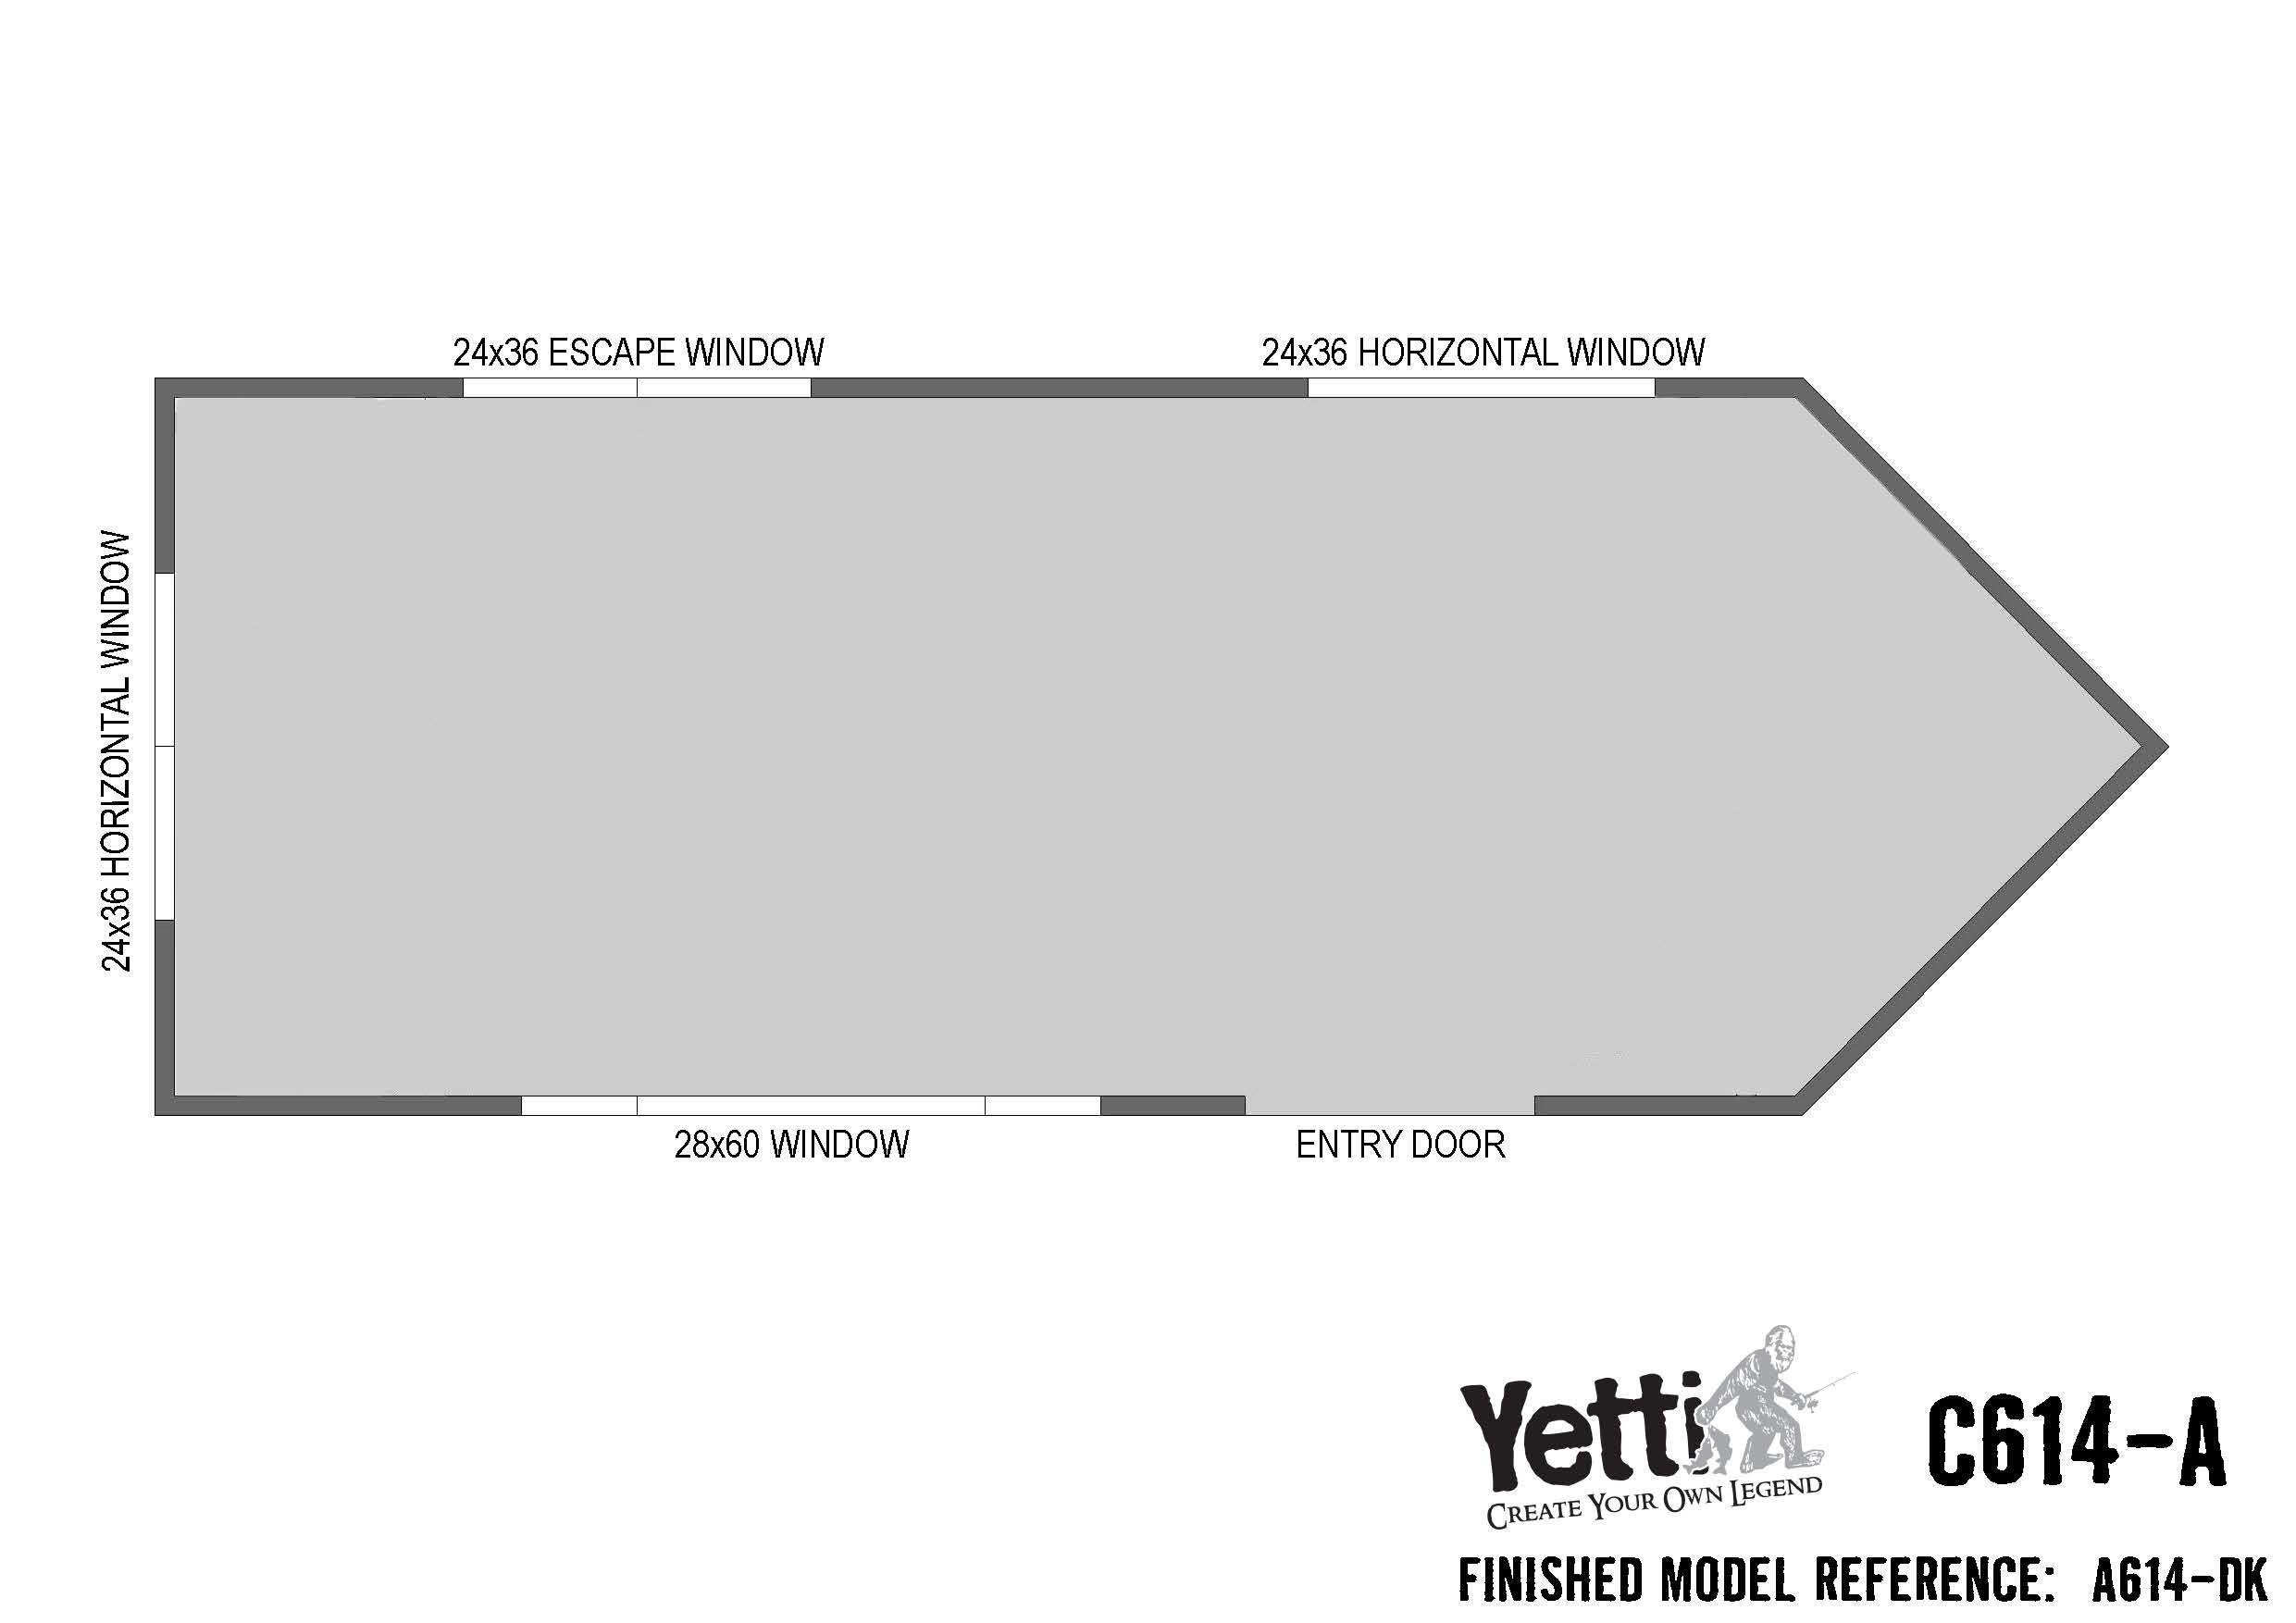 Yetti C614-A